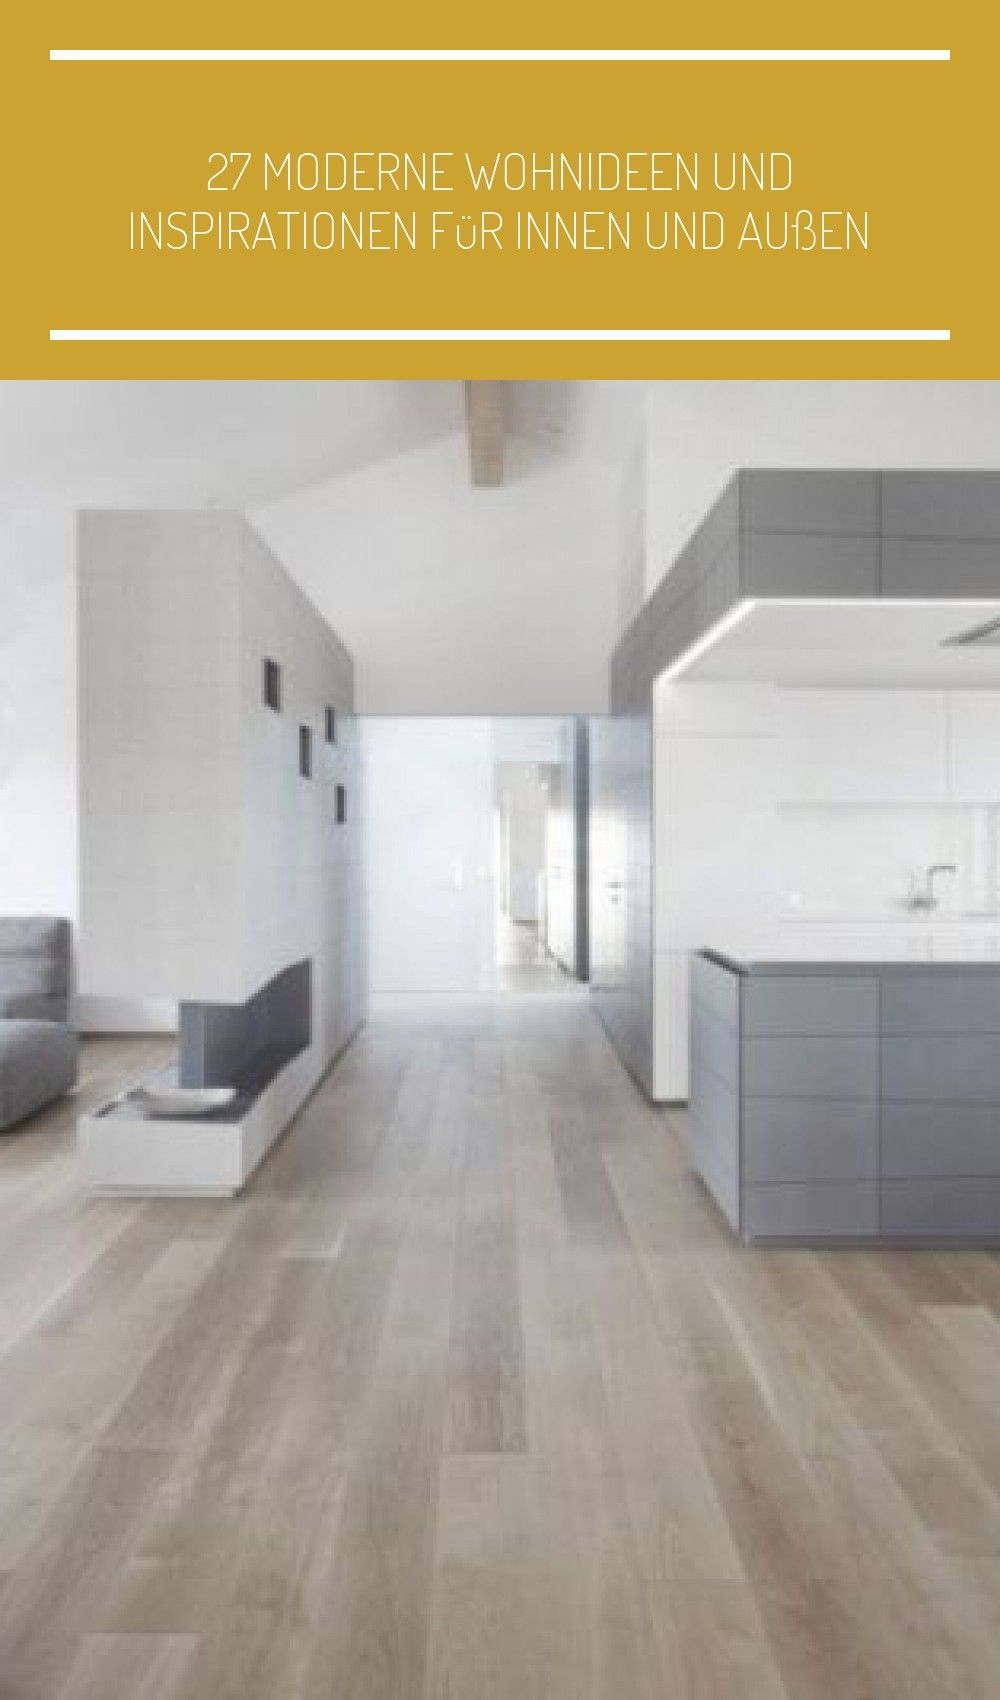 Offene Küche Und Wohnbereich In Hellgrau Und Weiß Wohn Esszimmer Doppelhaus 27 Moderne Wohnideen Und Inspirationen Für Innen Und Home Home Decor Motif Design